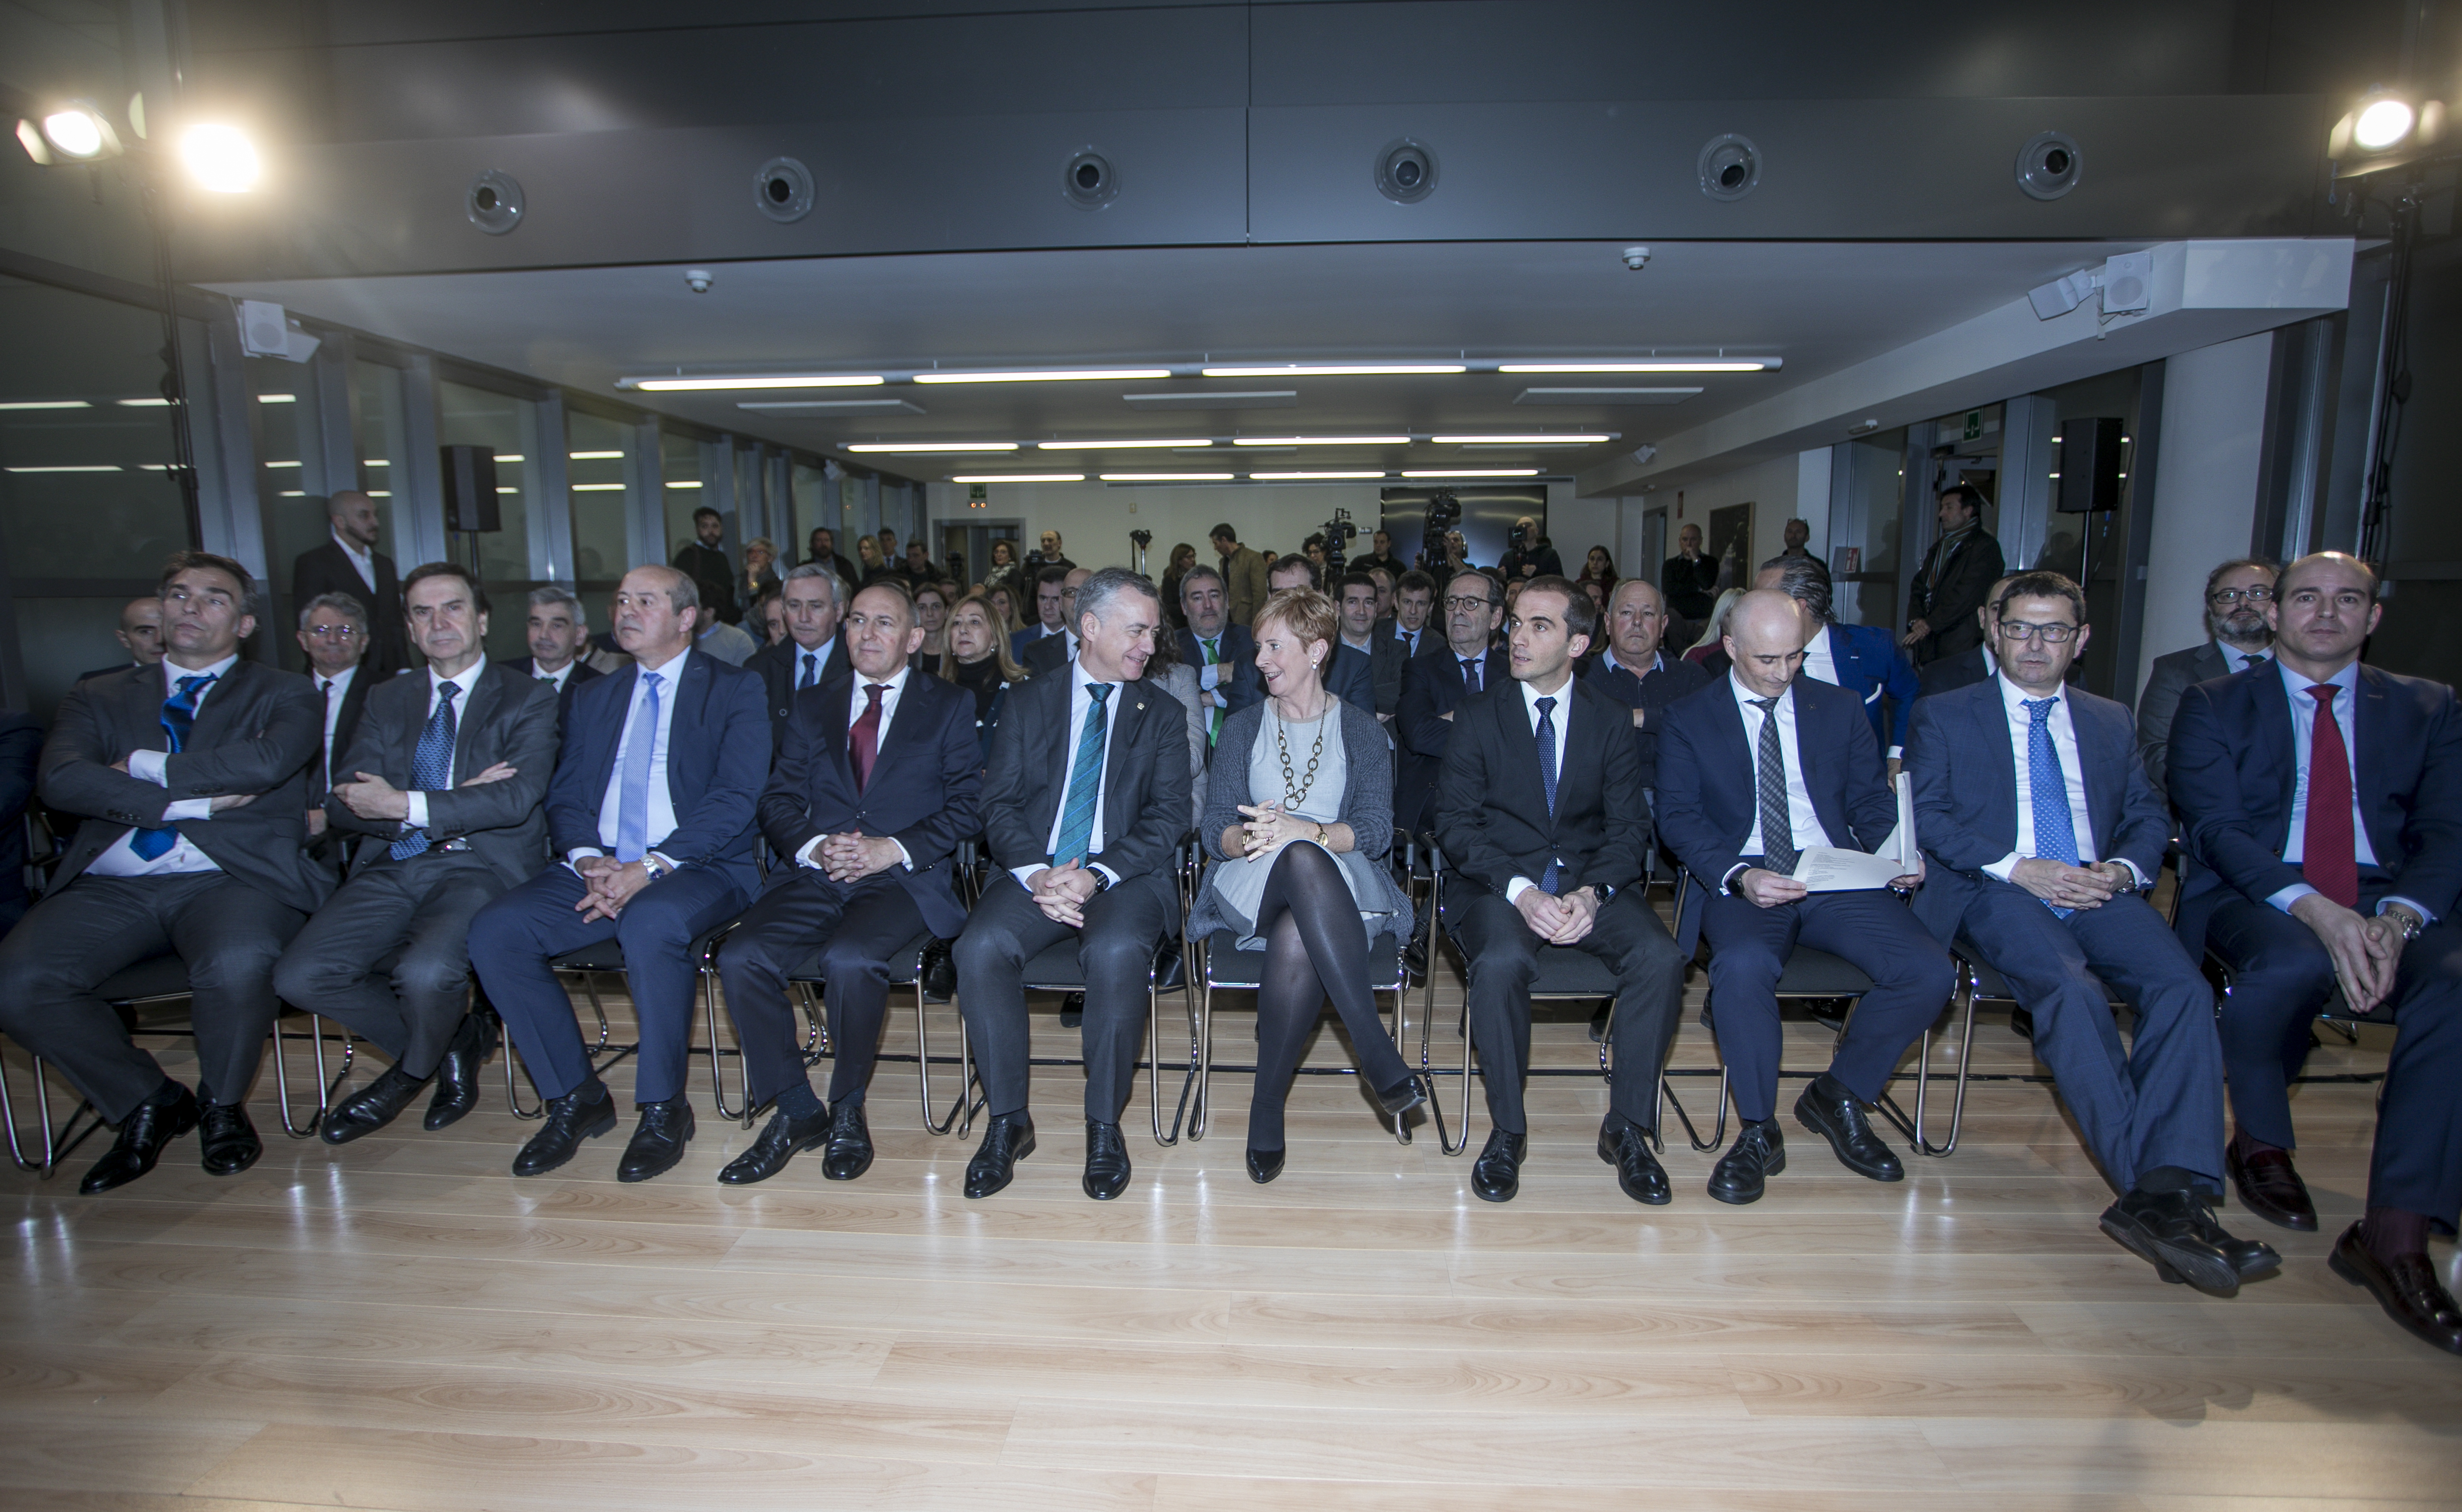 Herrialde Itun baten premia planteatu du Lehendakariak trantsizio energetikoaren alde